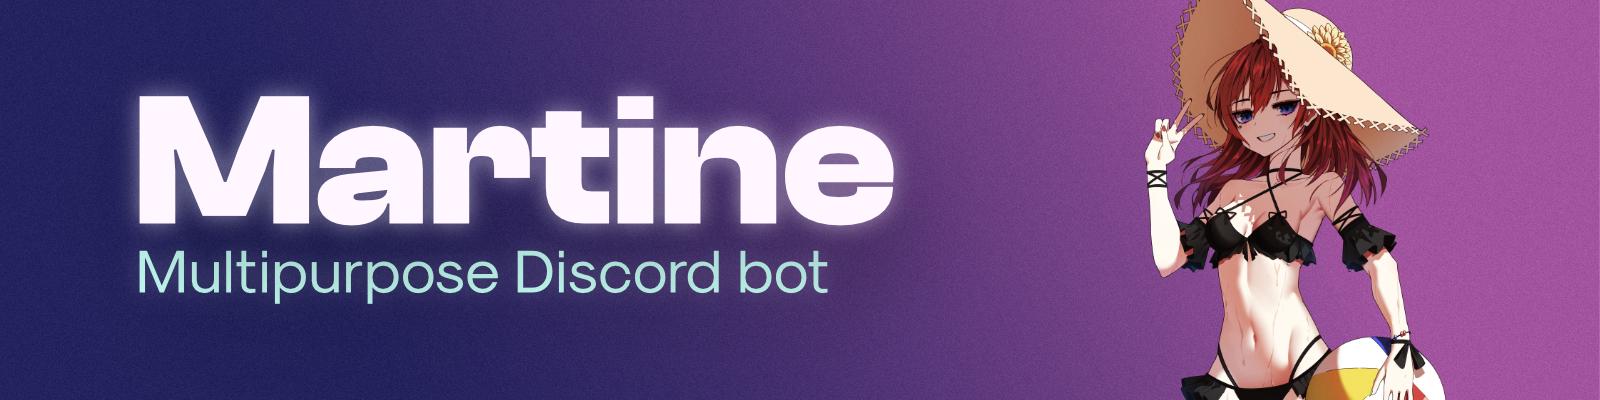 Martine Banner